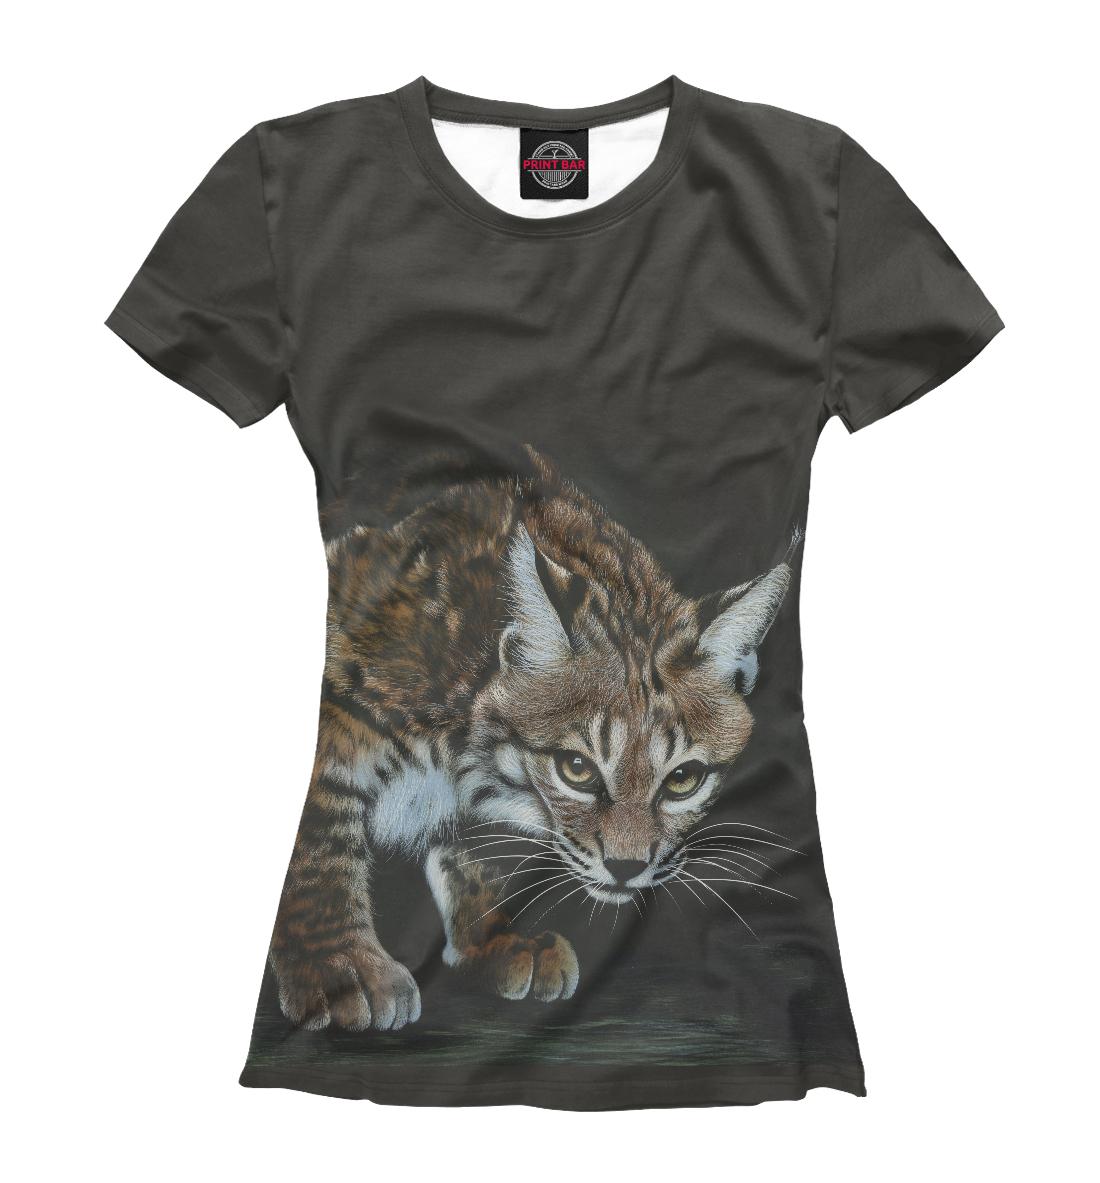 Купить Хищные кошки, Printbar, Футболки, HIS-341217-fut-1